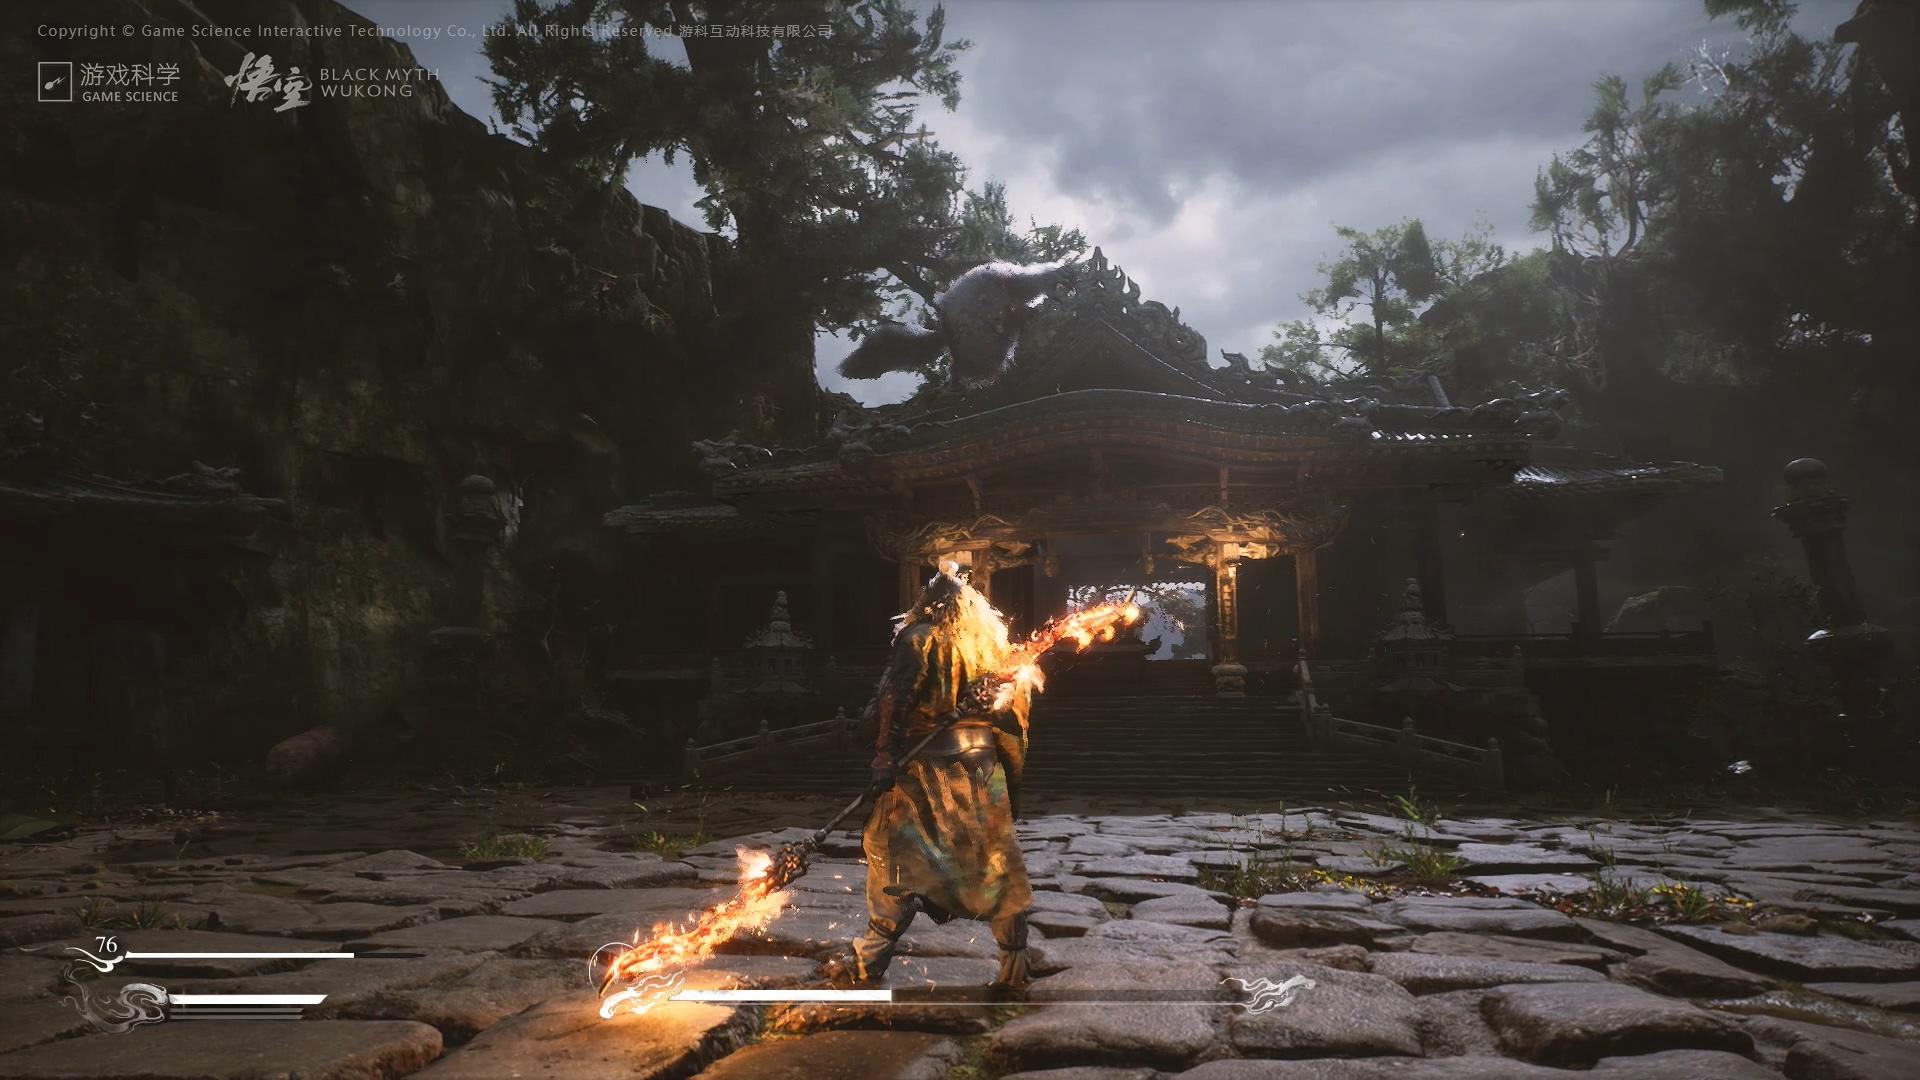 Black Myth: Wu Kong annunciato per Console e PC 13